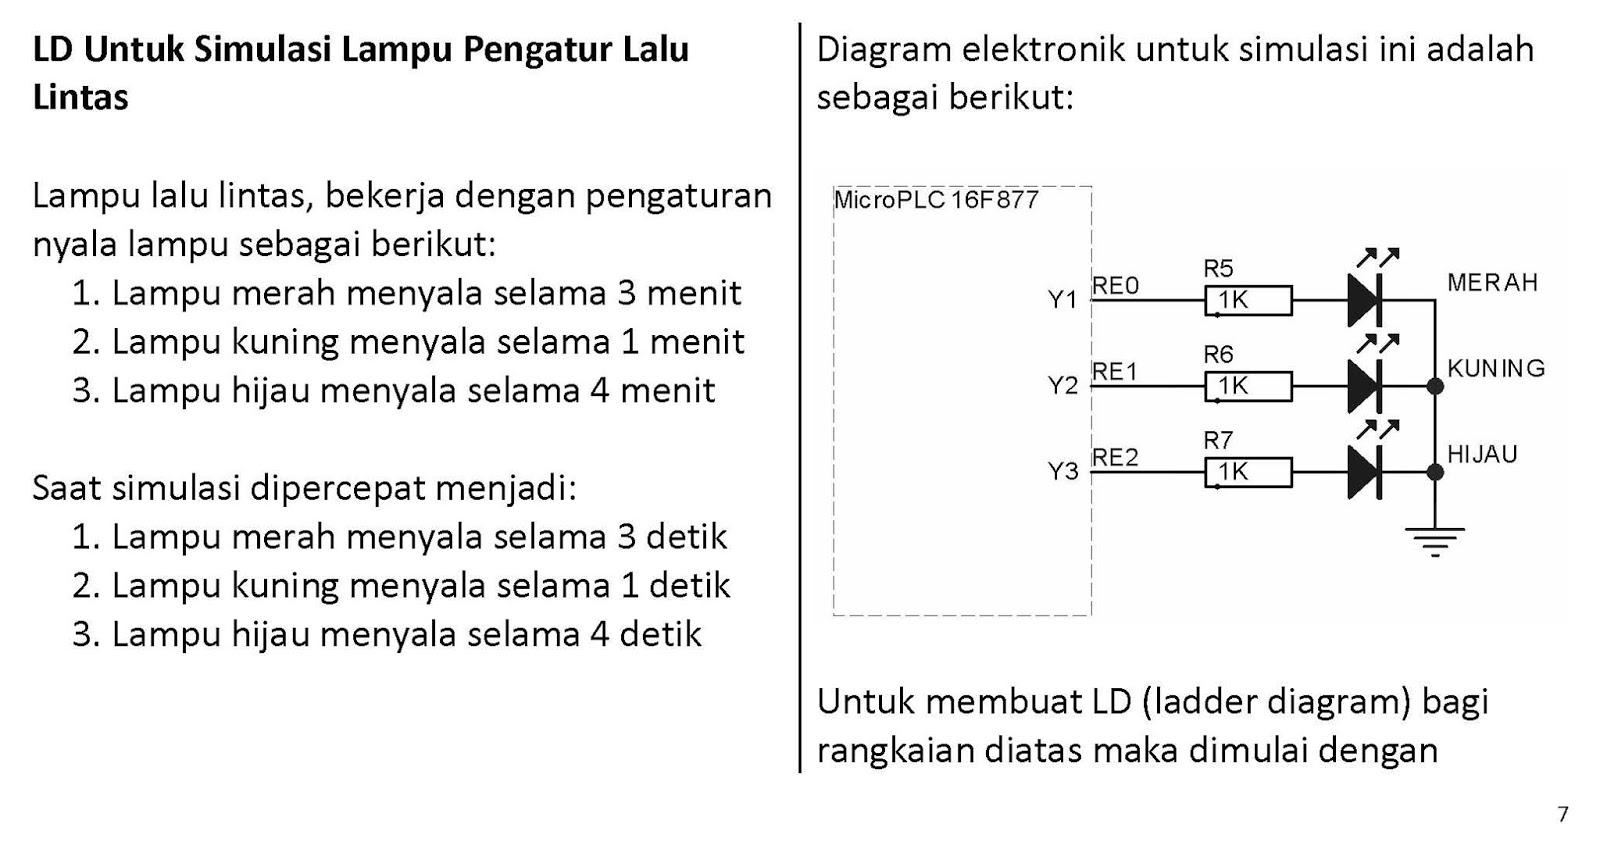 Niguru Com Inilah Ladder Diagram Untuk Traffic Light Control Lampu Pengatur Lalu Lintas